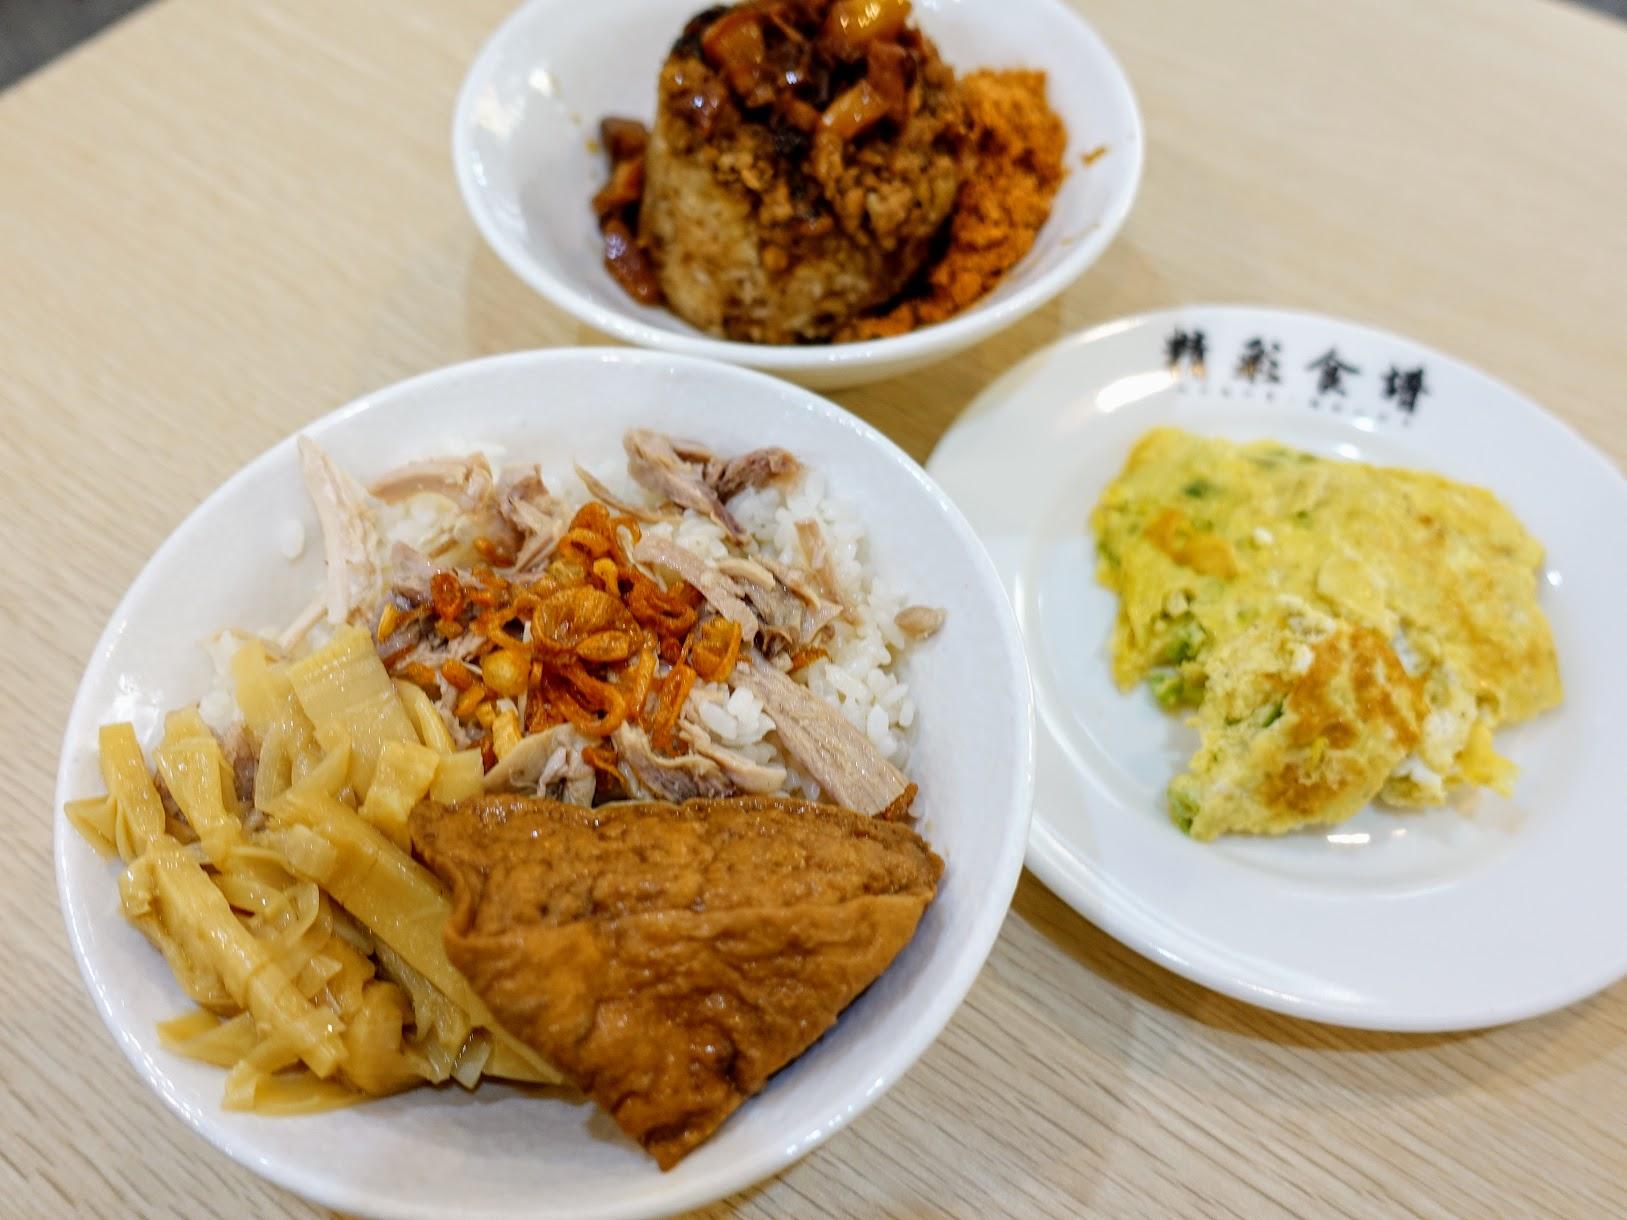 高雄-楠梓-鳳姐火雞肉飯